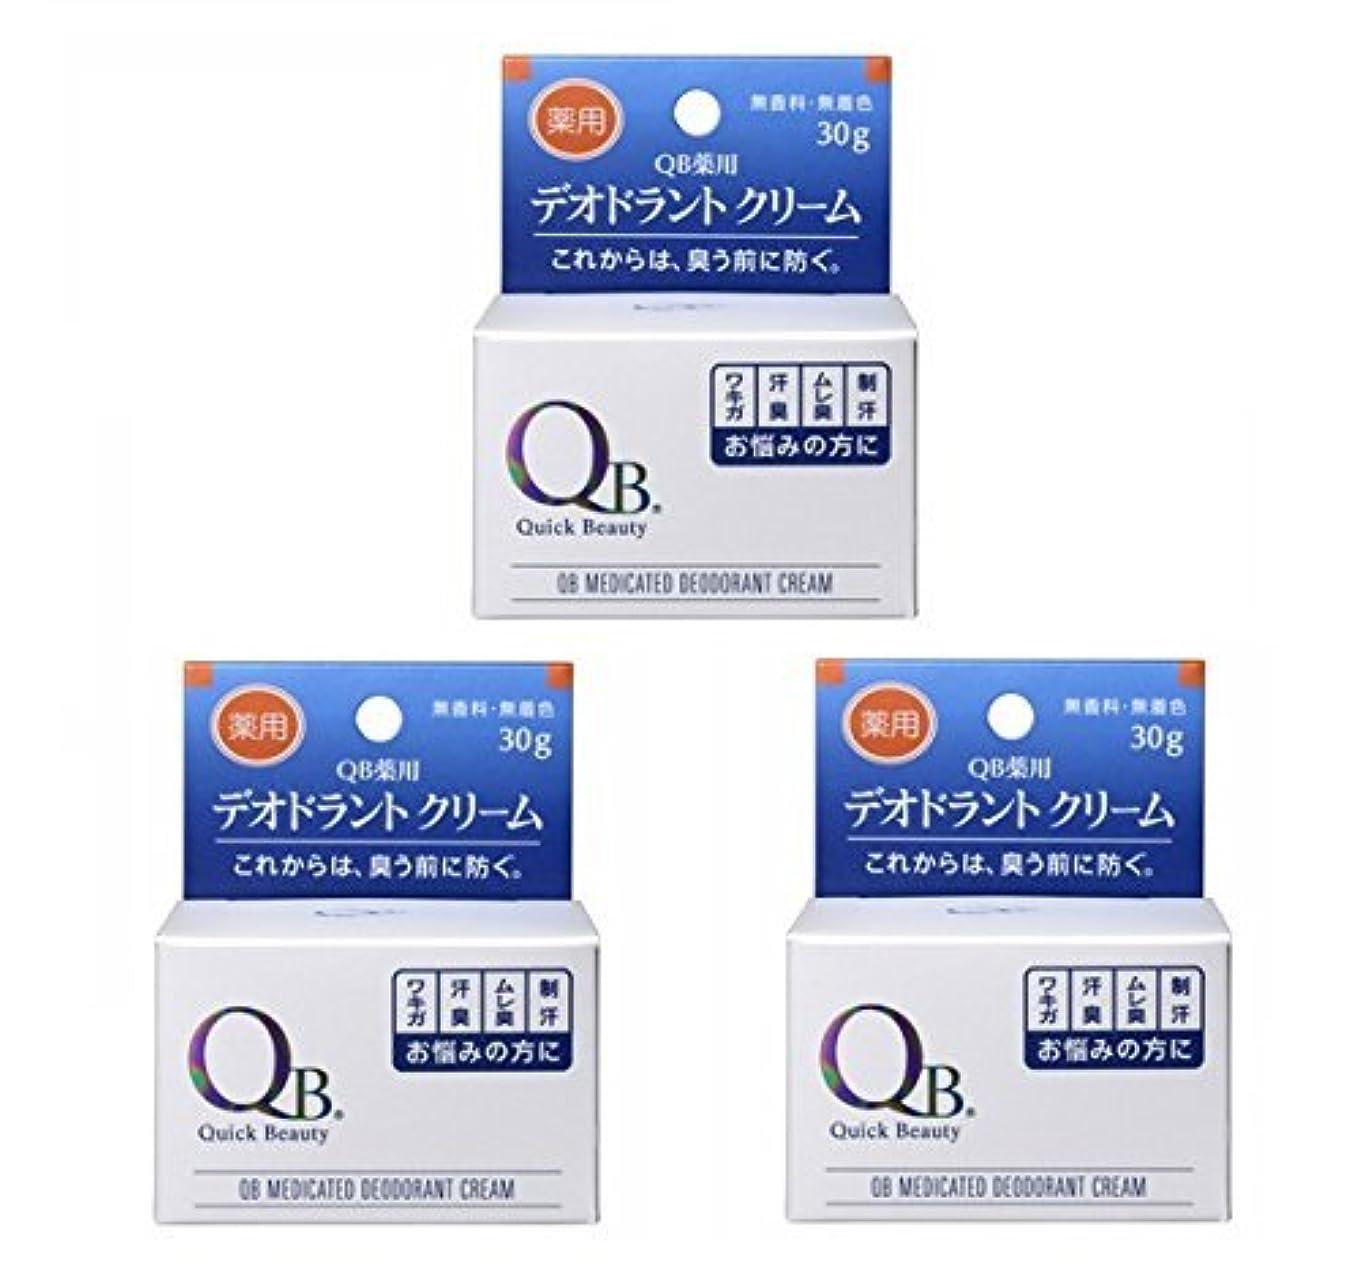 カンガルー有効な読みやすいQB薬用デオドラントクリーム 30g×3個セット